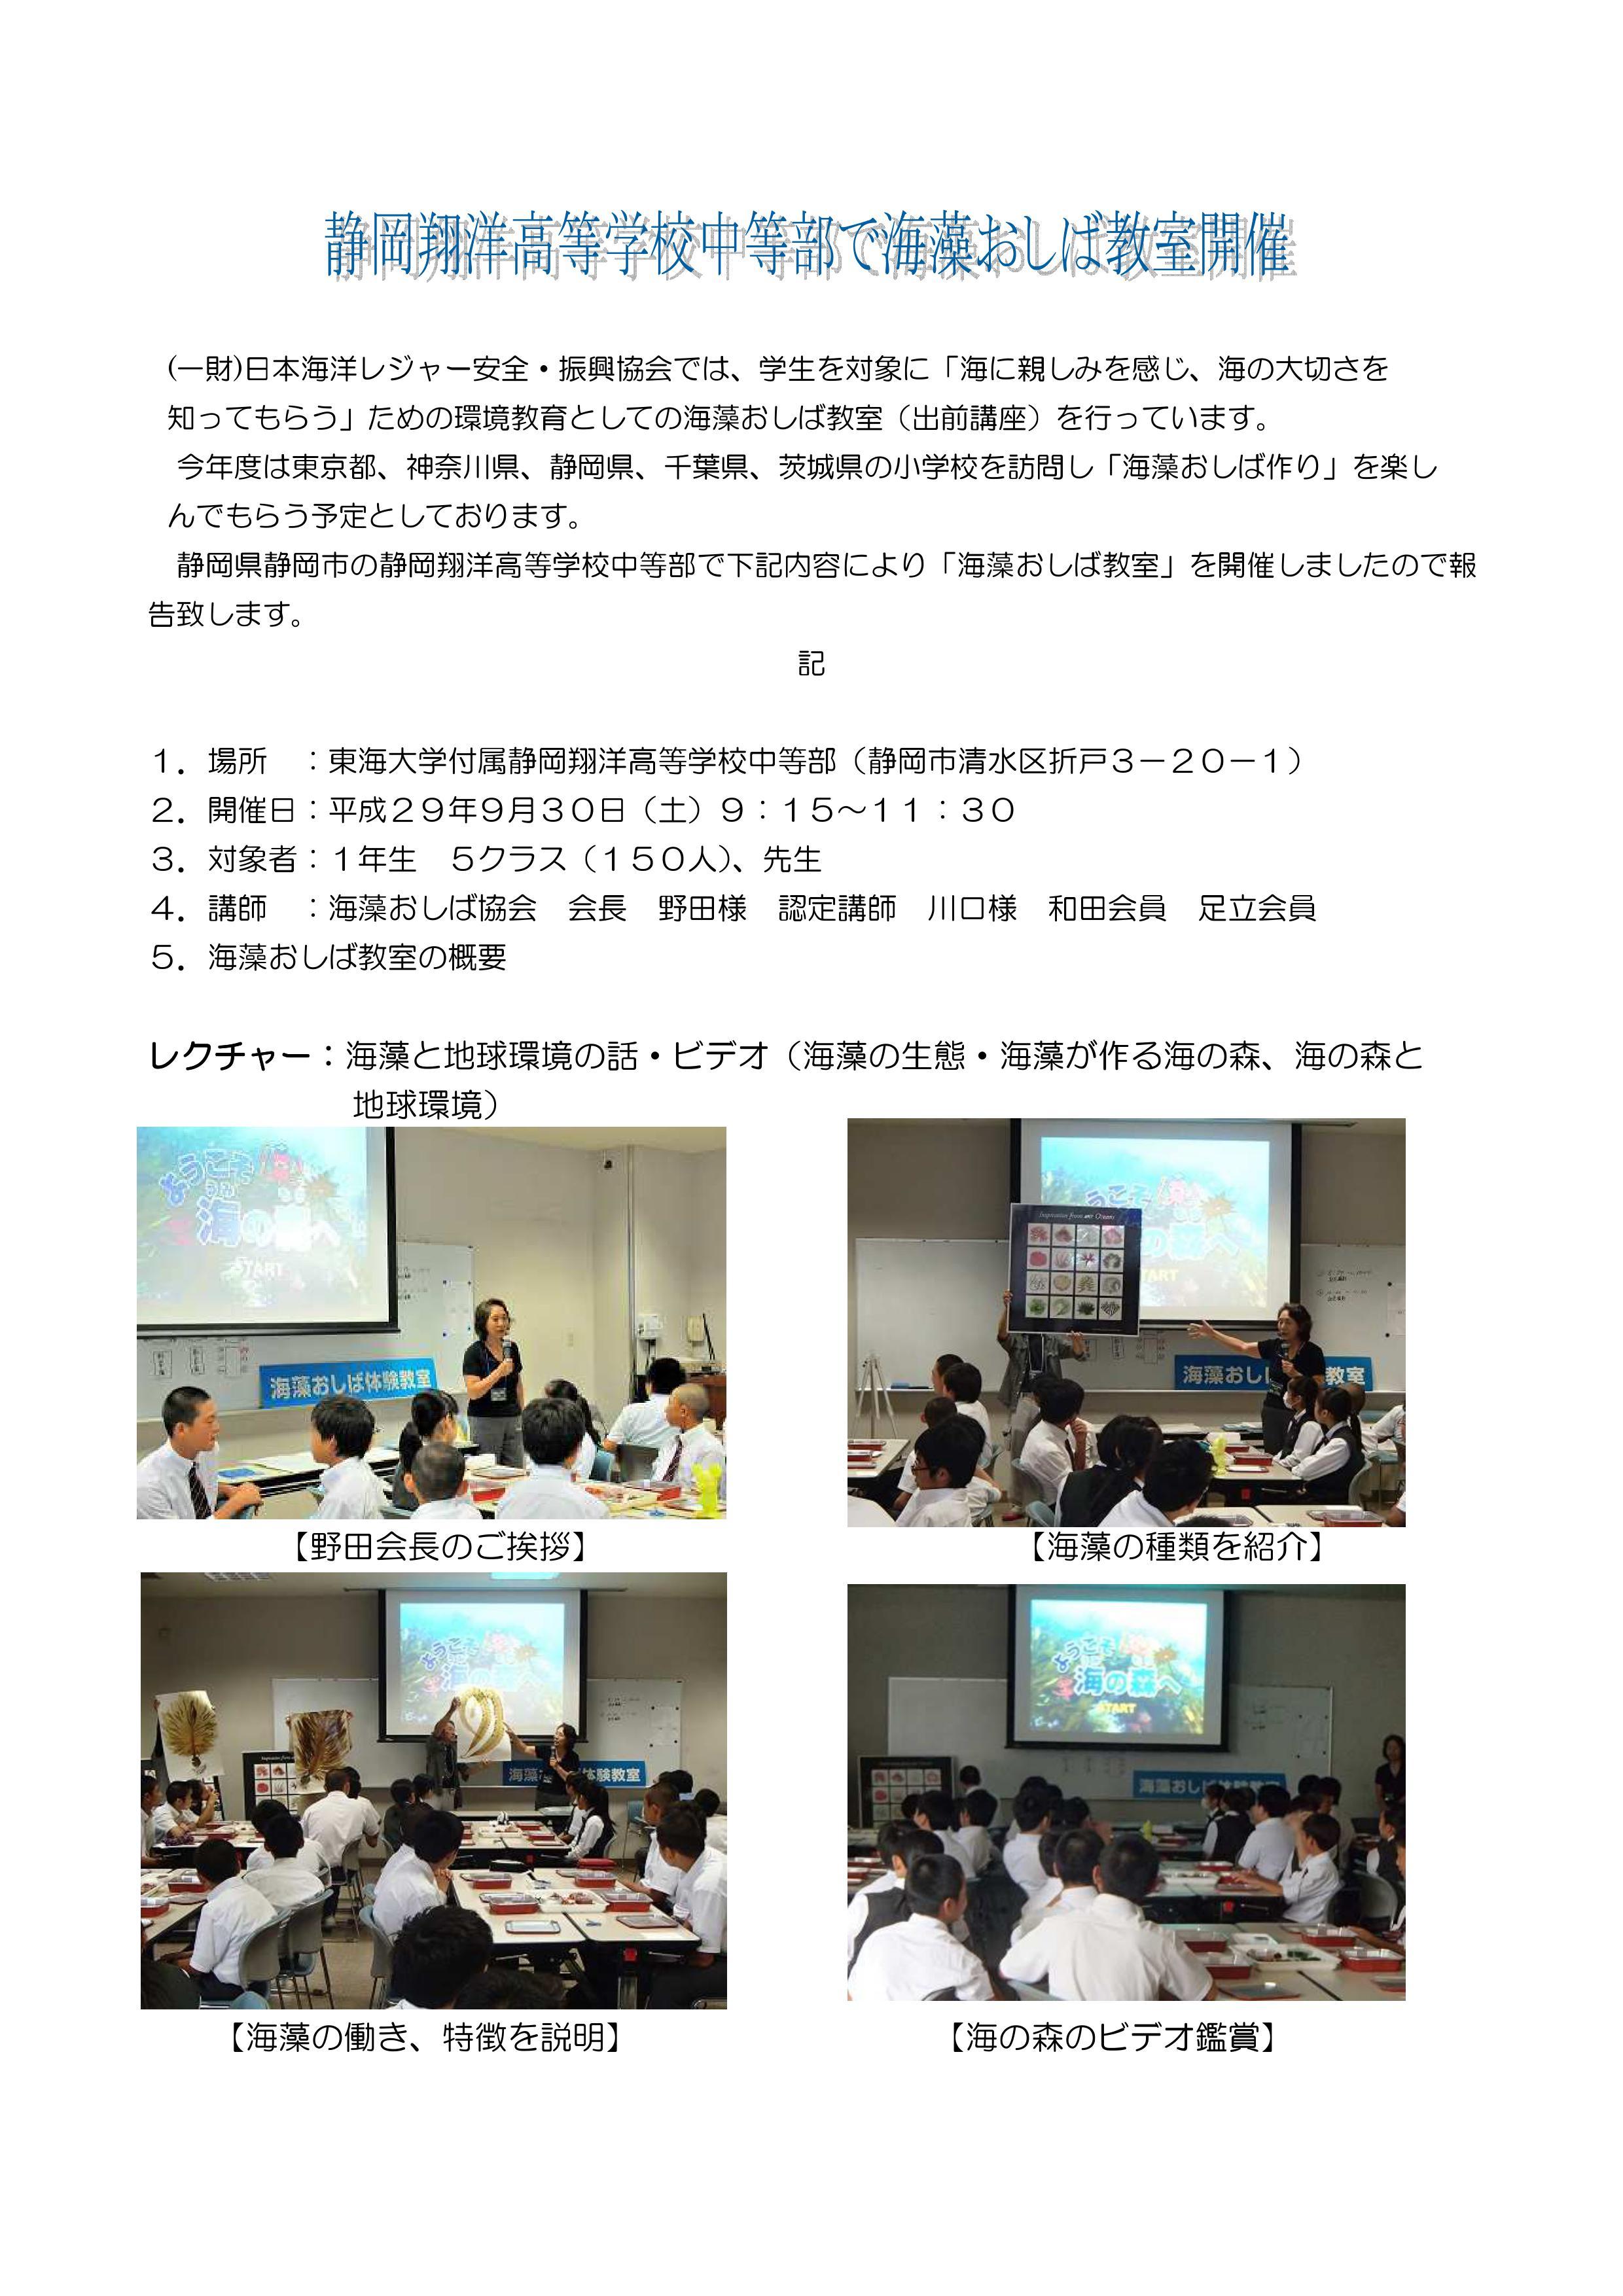 参考事例:海藻おしば教室 資料提供:日本海洋レジャー安全振興協会